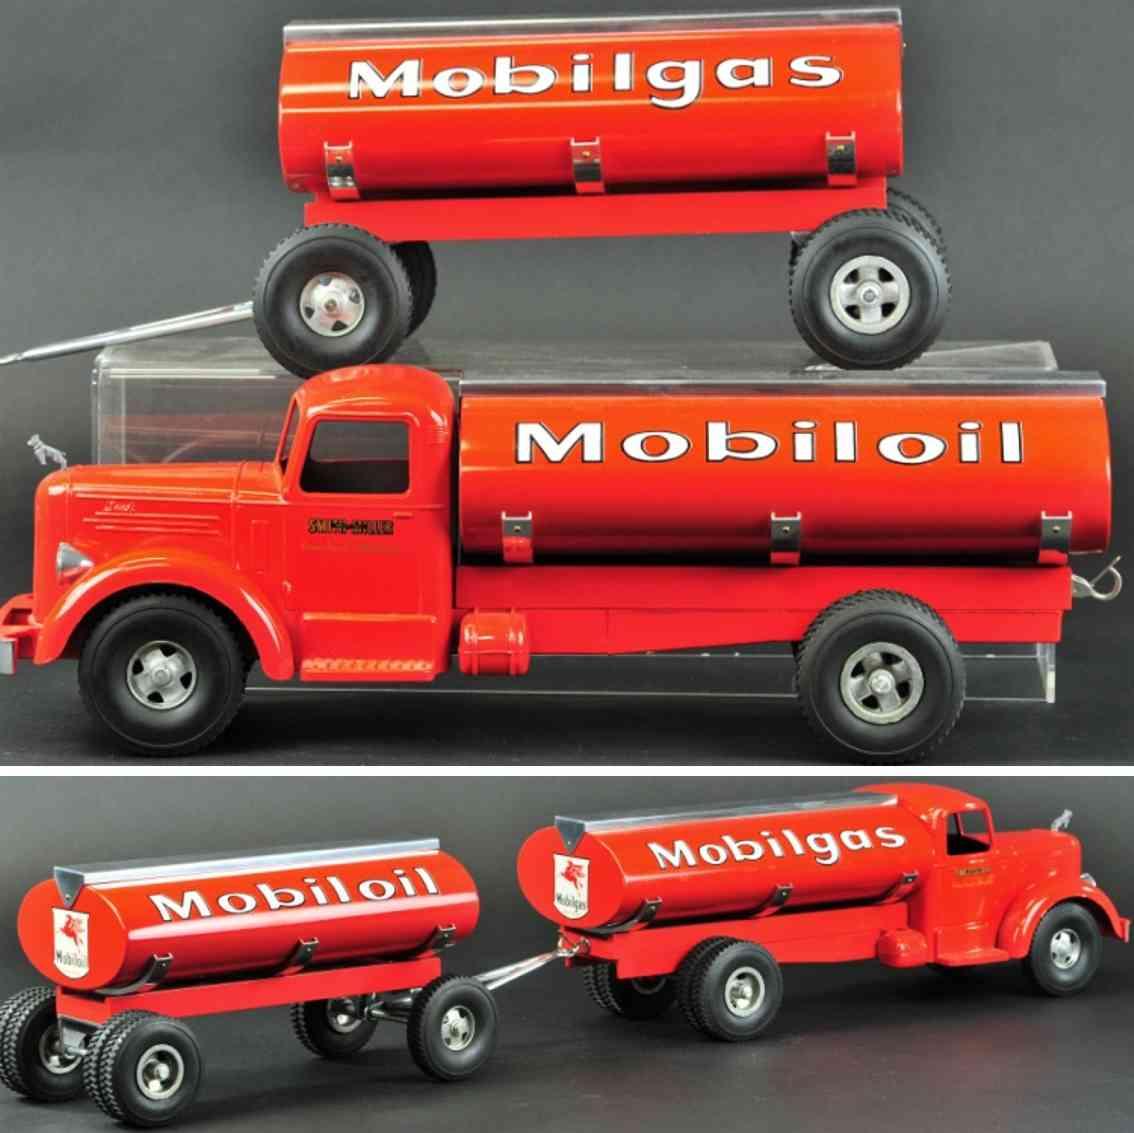 smith-miller spielzeug druckguss tanklastwagen anhaenger rot